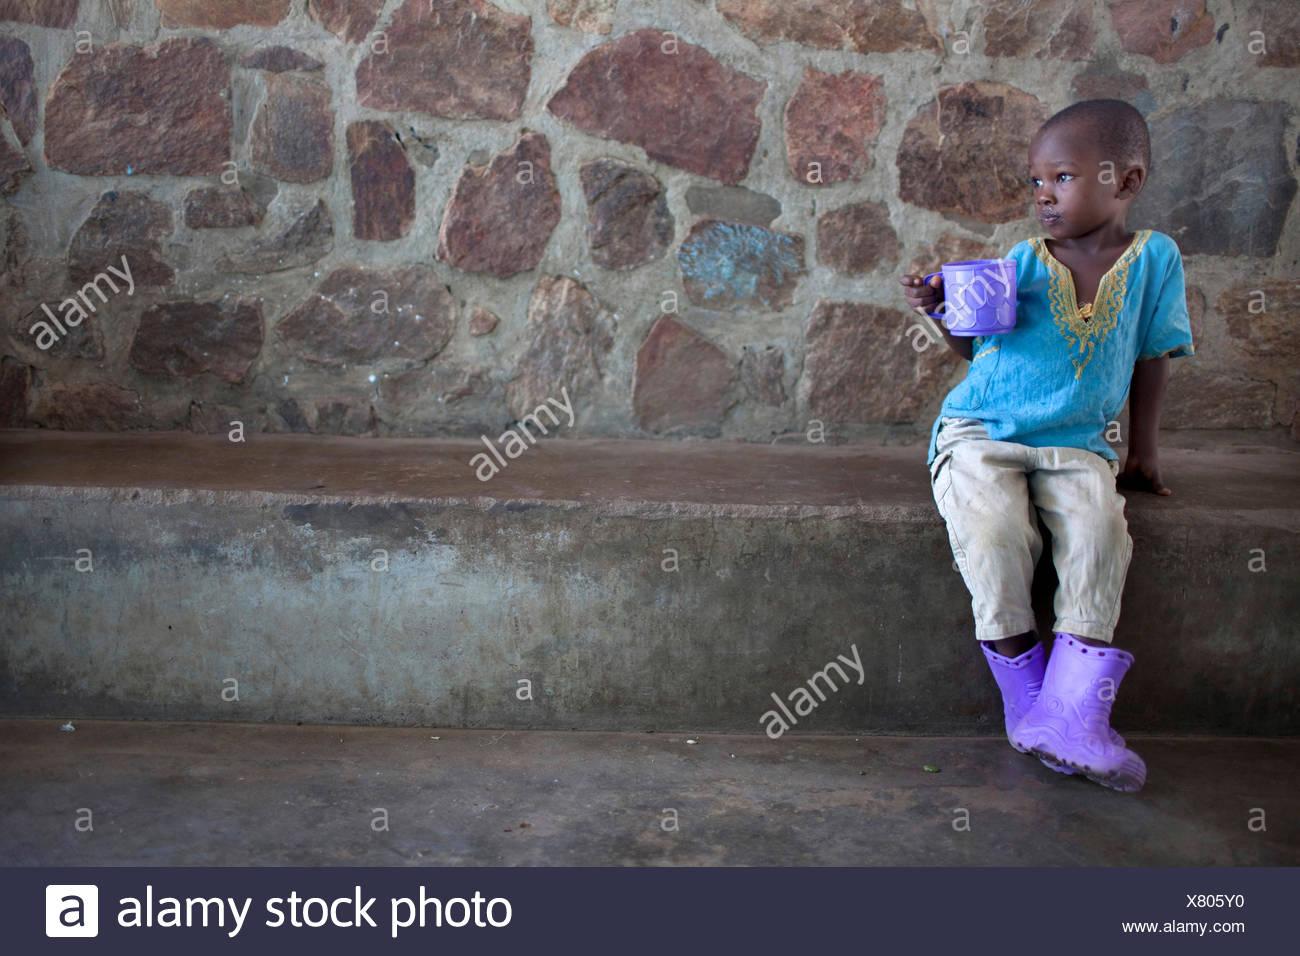 Ragazzino con coppa di porpora viola e stivali di gomma, Burundi Bujumbura Immagini Stock